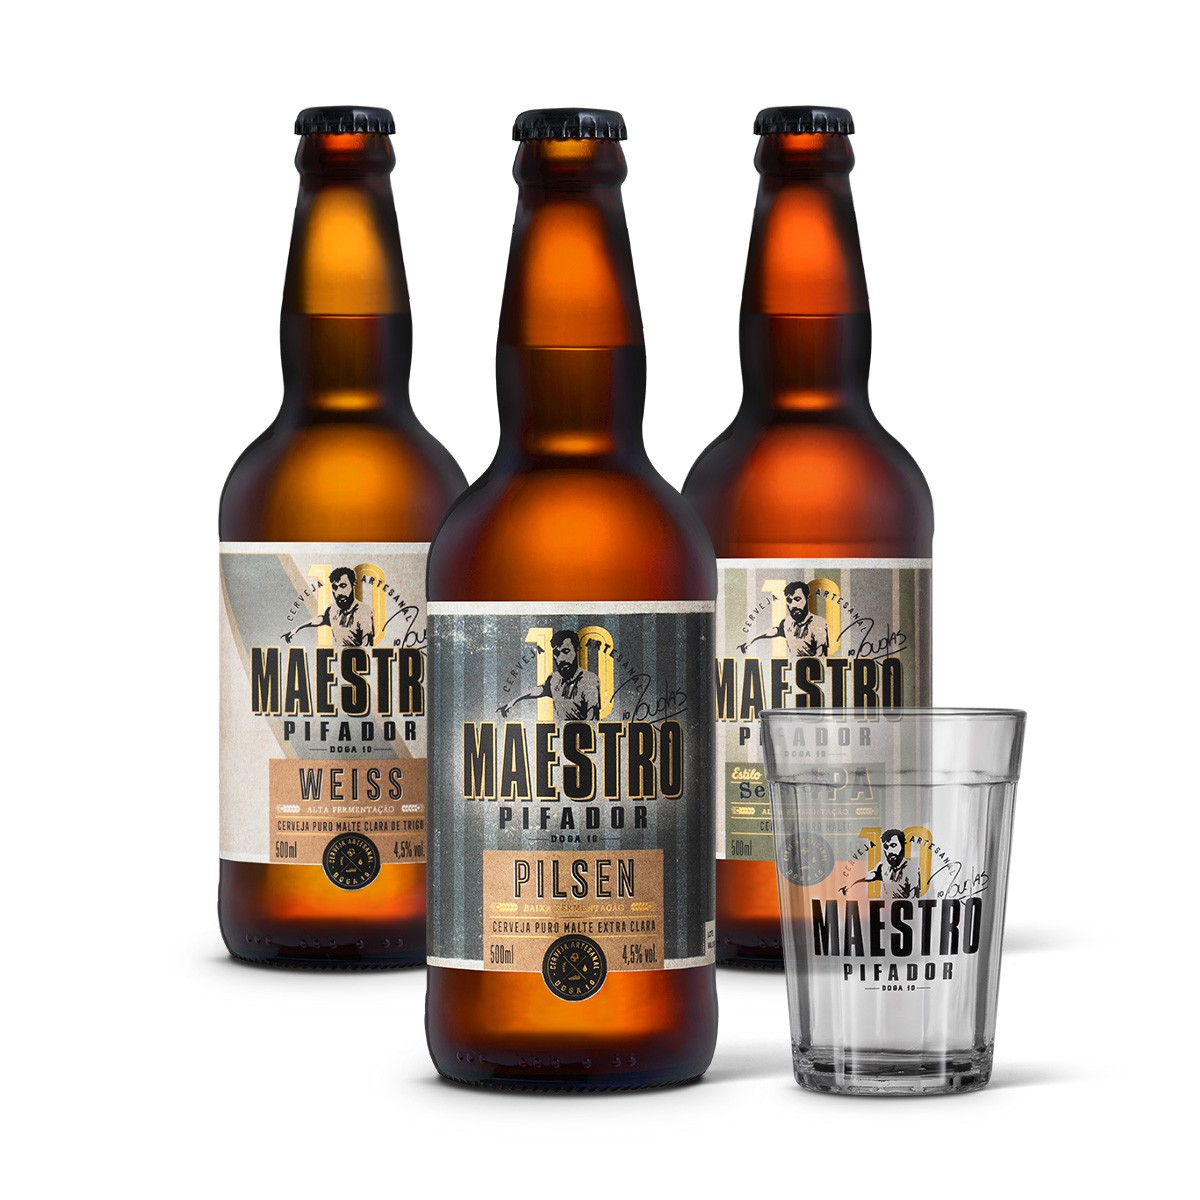 Kit degustação Maestro Pifador 3 cervejas 500ml + copo americano 300ml